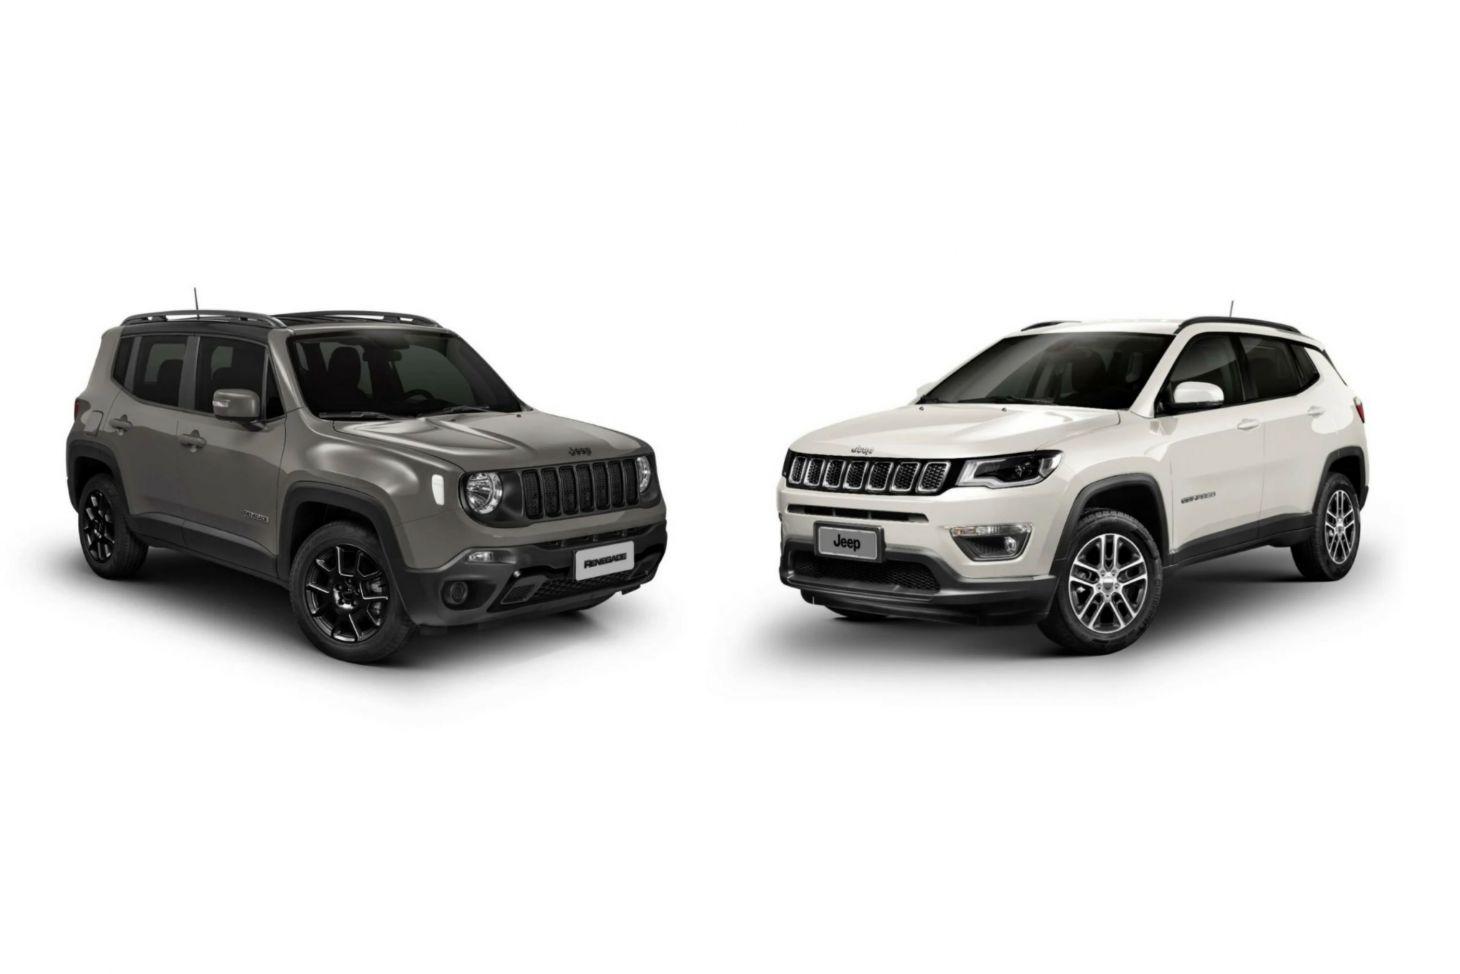 Utilitários esportivos Jeep Renegade e Compass em fotomontagem